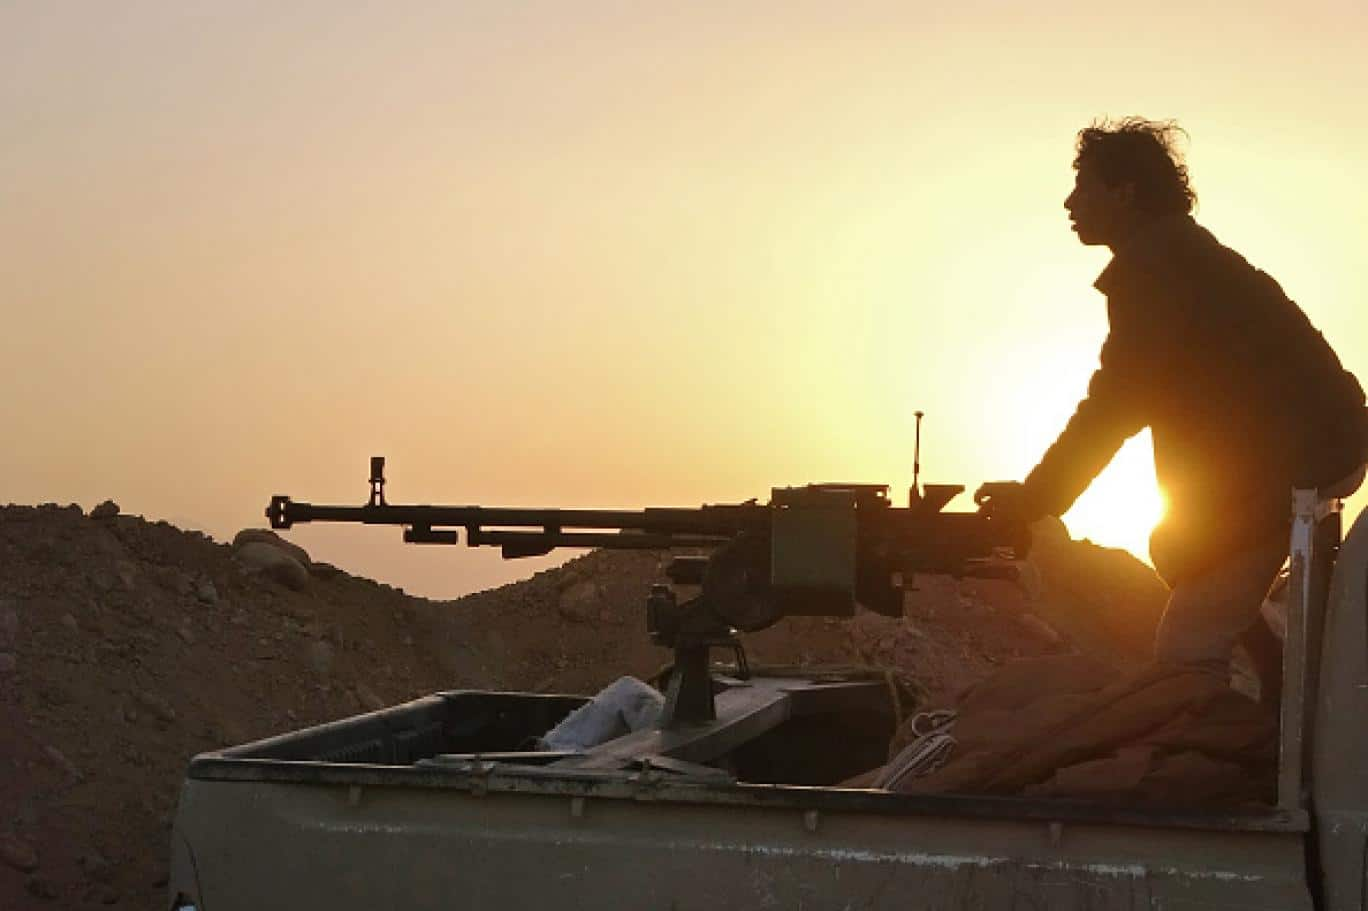 ضابط إماراتي يكشف عن مؤامرة يقودها التحالف مع الحوثيين لإسقاط المقاومة اليمنية